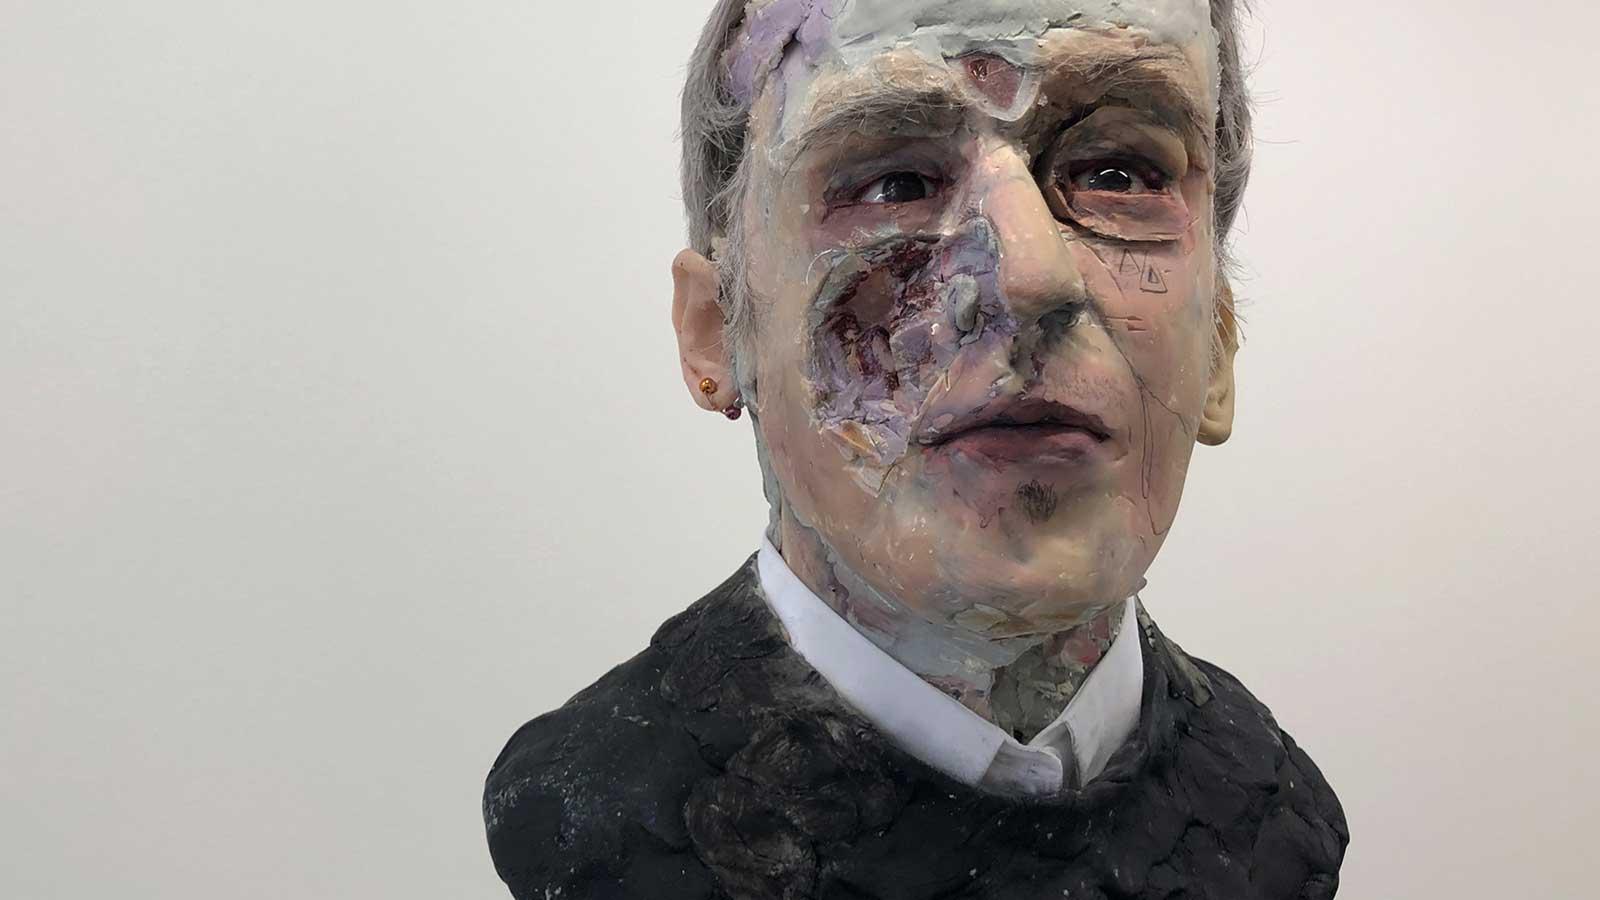 """David Altmejd ,  Man with Black Sweater , 2018, Mousse d'uréthane, béton, argile époxyde, résine, gel époxyde, cheveux synthétiques, acier, peinture acrylique, quartz, graphite, peinture à verre, collet de chemise, yeux de verre, fils de cuivre, bille, strass, vernis MSA, 29"""" x 10 1/2"""" x 12"""" (73,7 x 26,7 x 30,5 cm) (Détail)"""